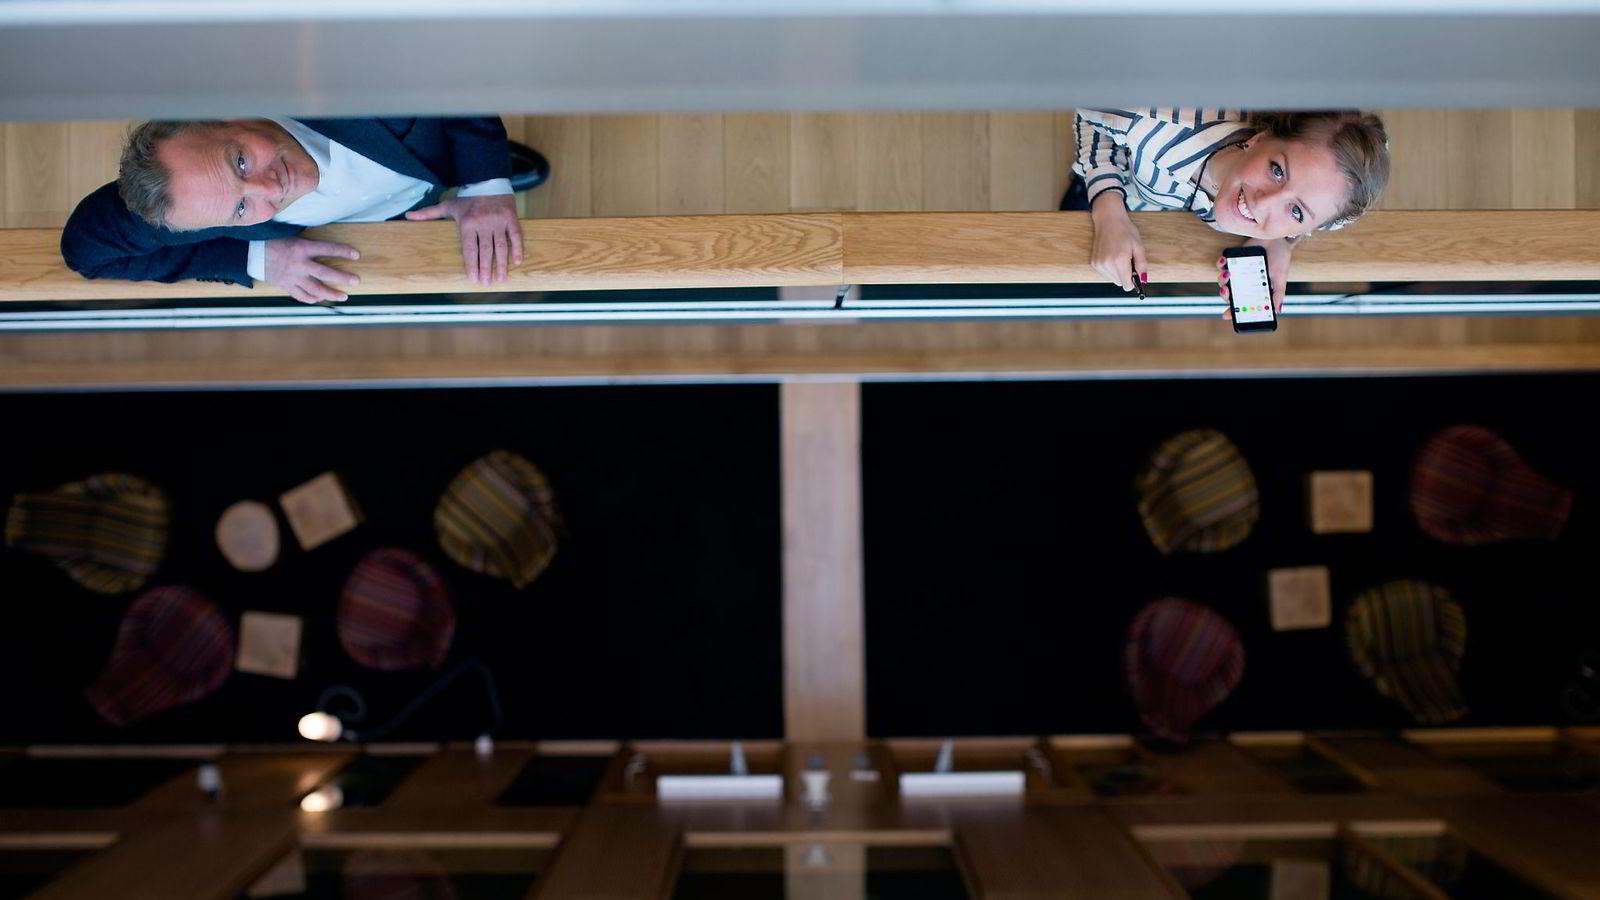 Da kommunikasjonsdirektør Øystein Thoresen (51) oppdaget at han ikke hadde tilstrekkelig kunnskap om sosiale medier ble Marie Brudevold (25) ansatt. Med erfaring fra egen blogg og som ivrig snapchat-bruker skal hun kapre de aller yngste forbrukerne. Foto: